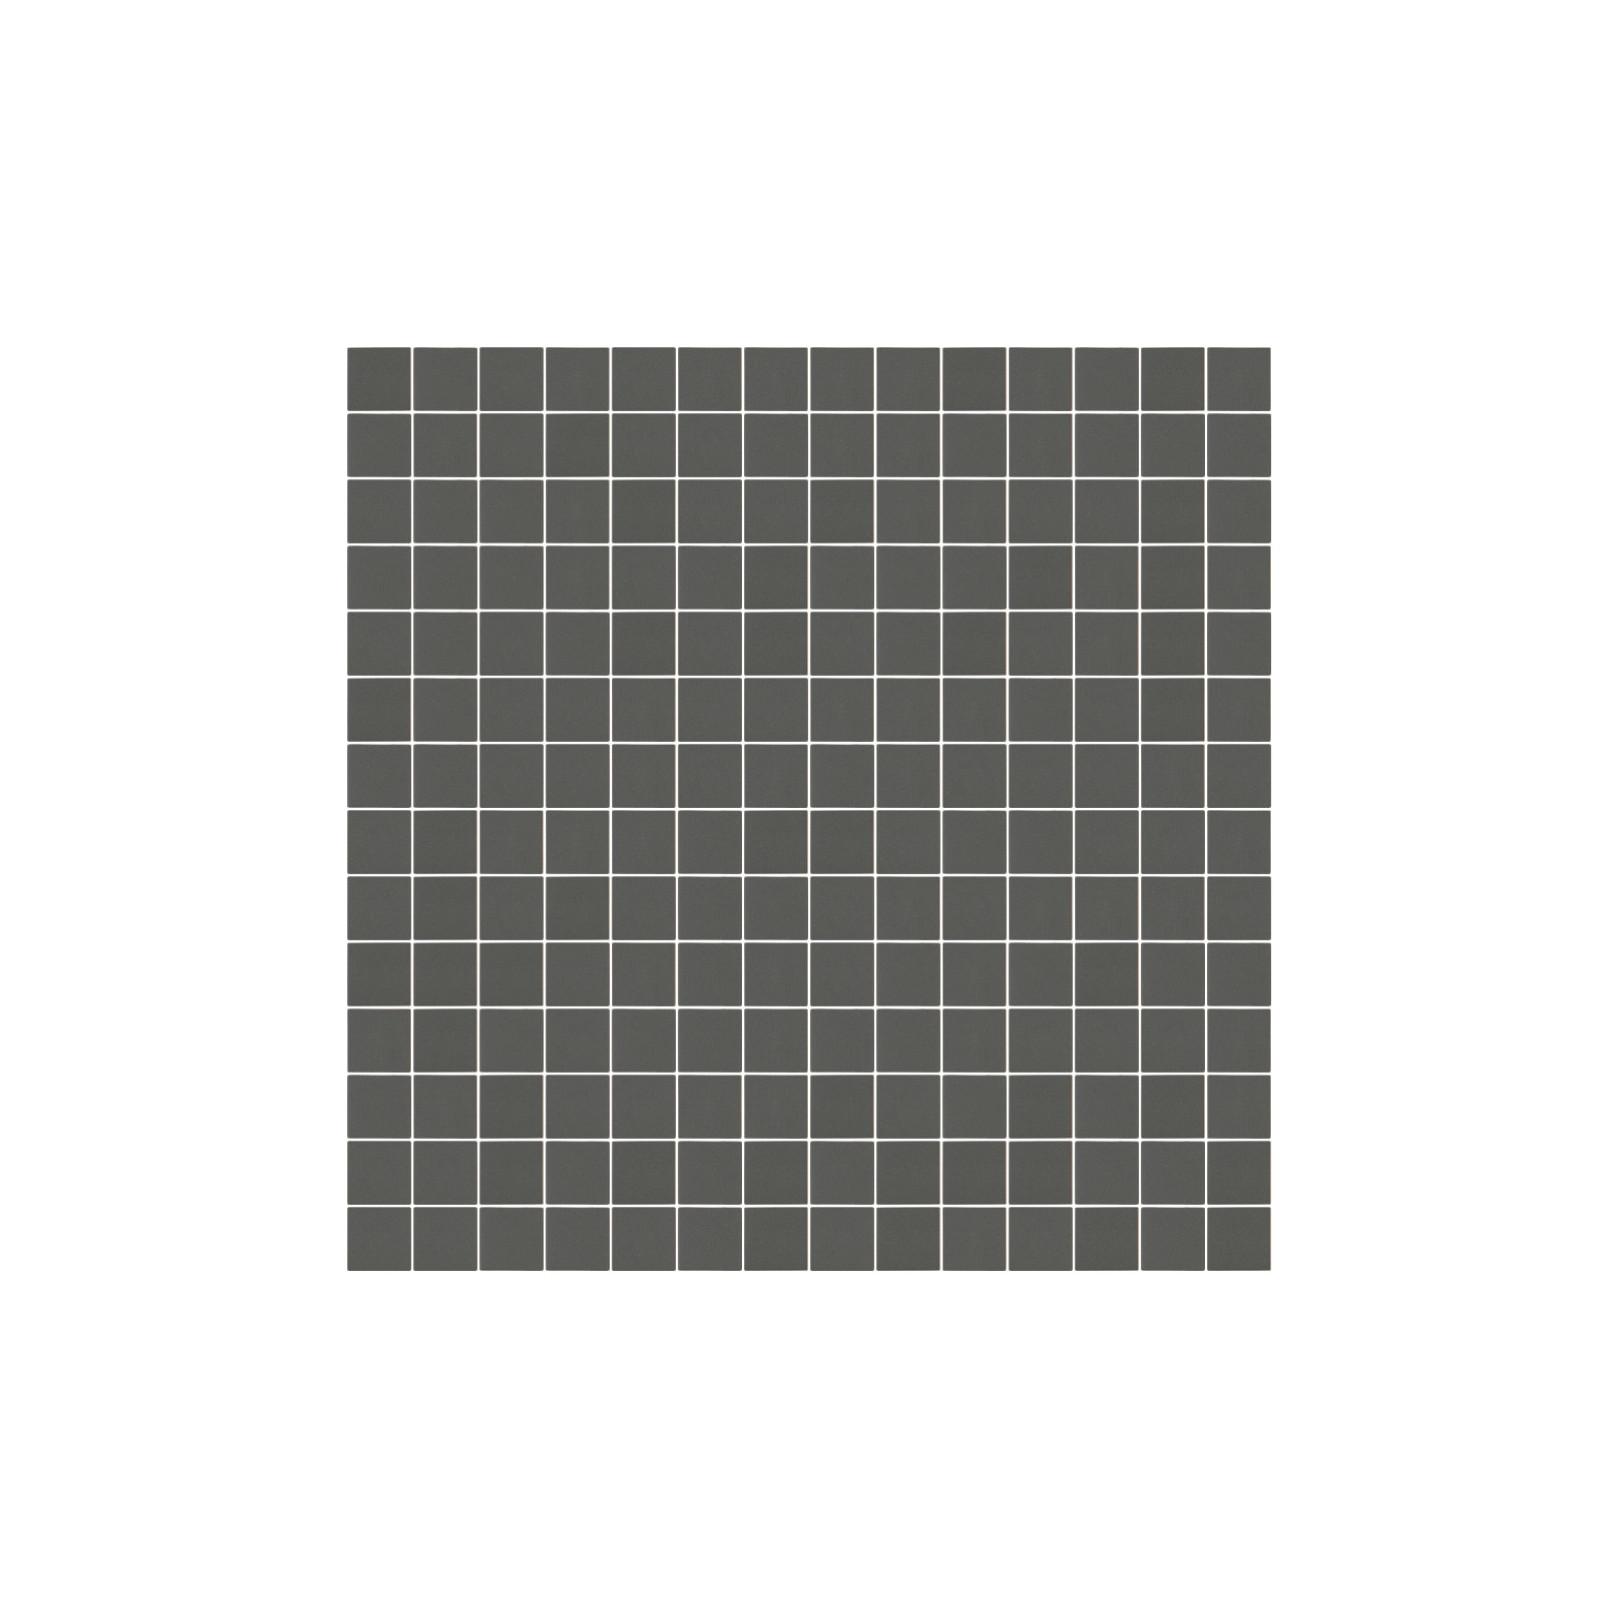 Mosaïque Stone carré 2,3x2,3cm gris moyen 564 sur trame nylon 33,3x33,3cm